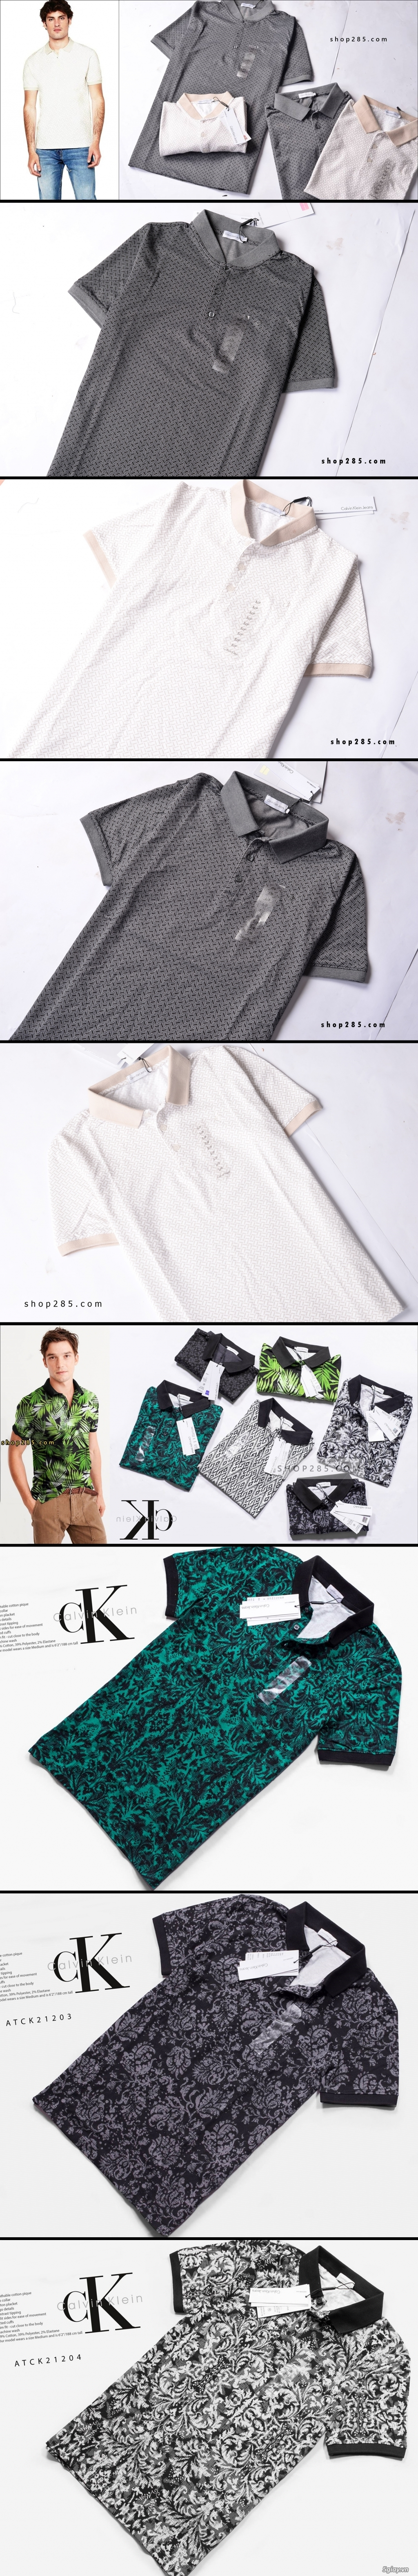 Shop285.com - Shop quần áo thời trang nam VNXK mẫu mới về liên tục ^^ - 2